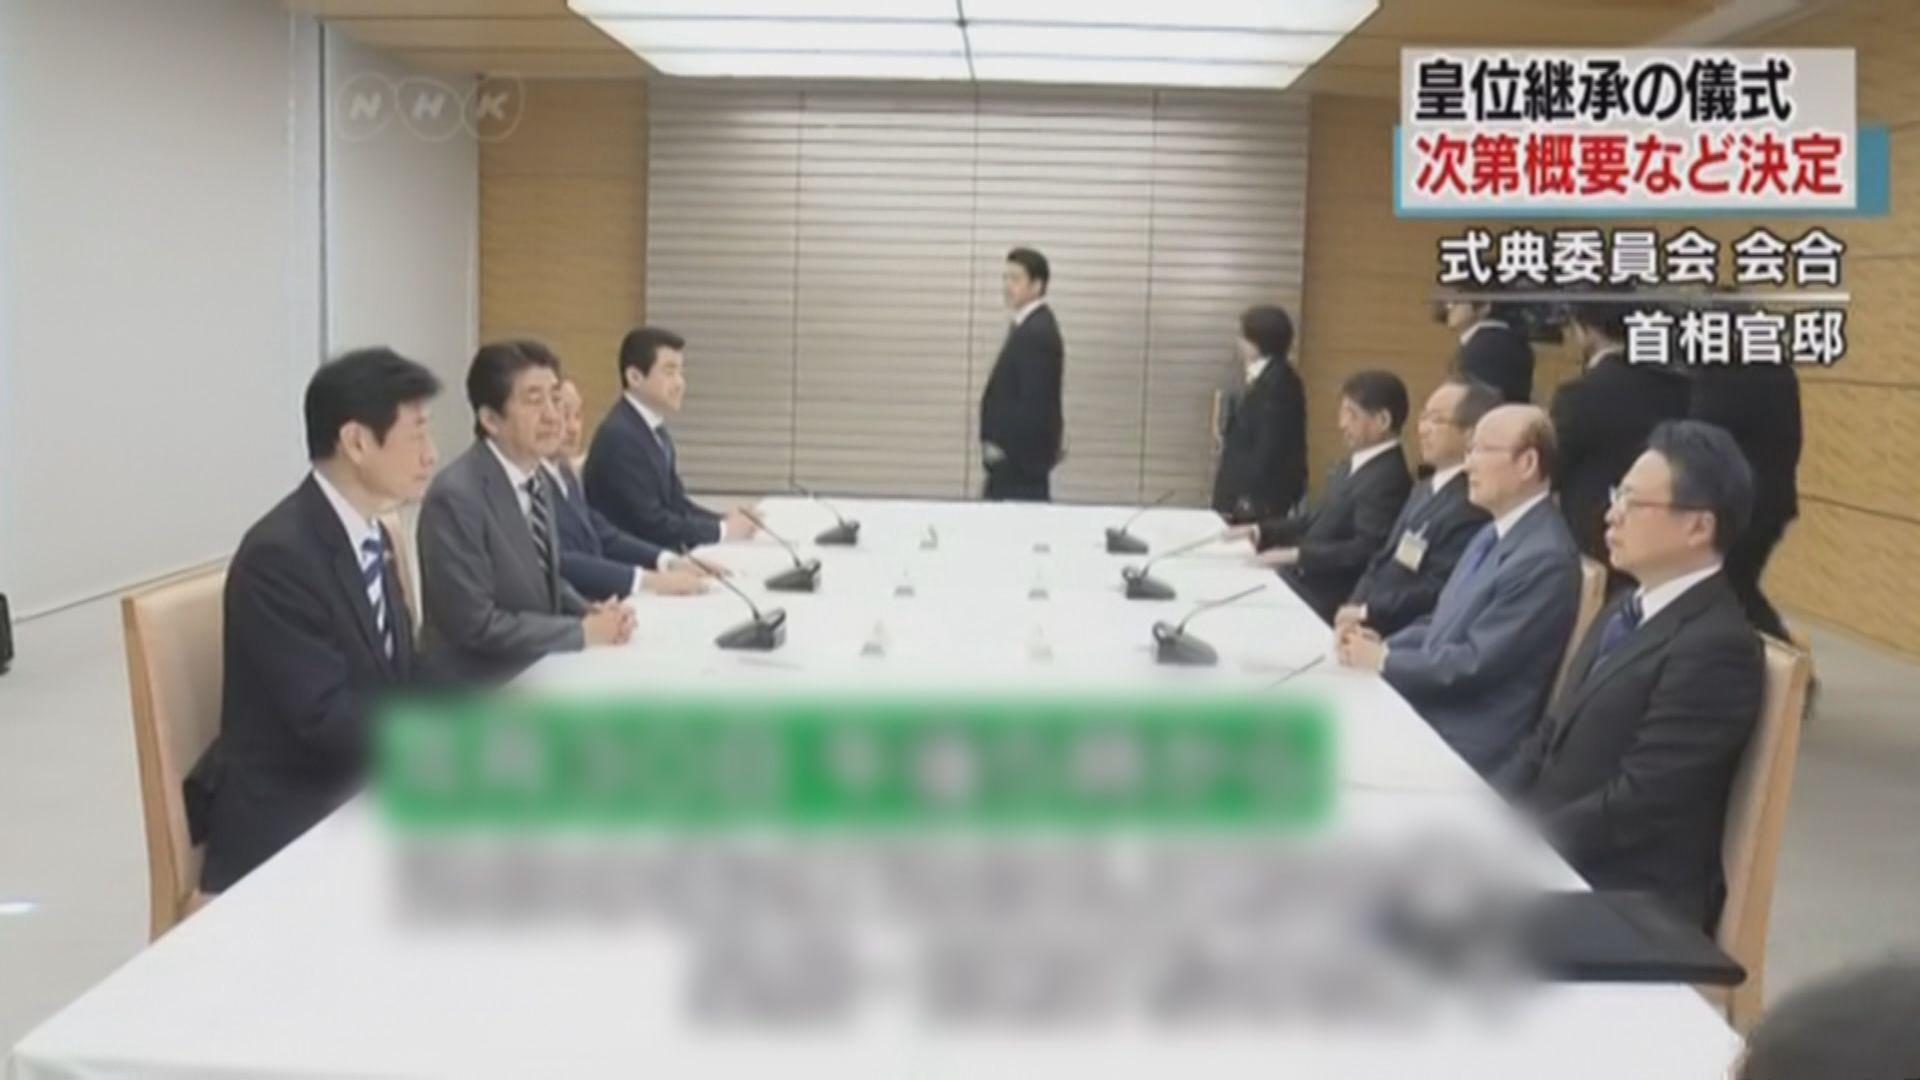 日本敲定日皇退位和即位儀式